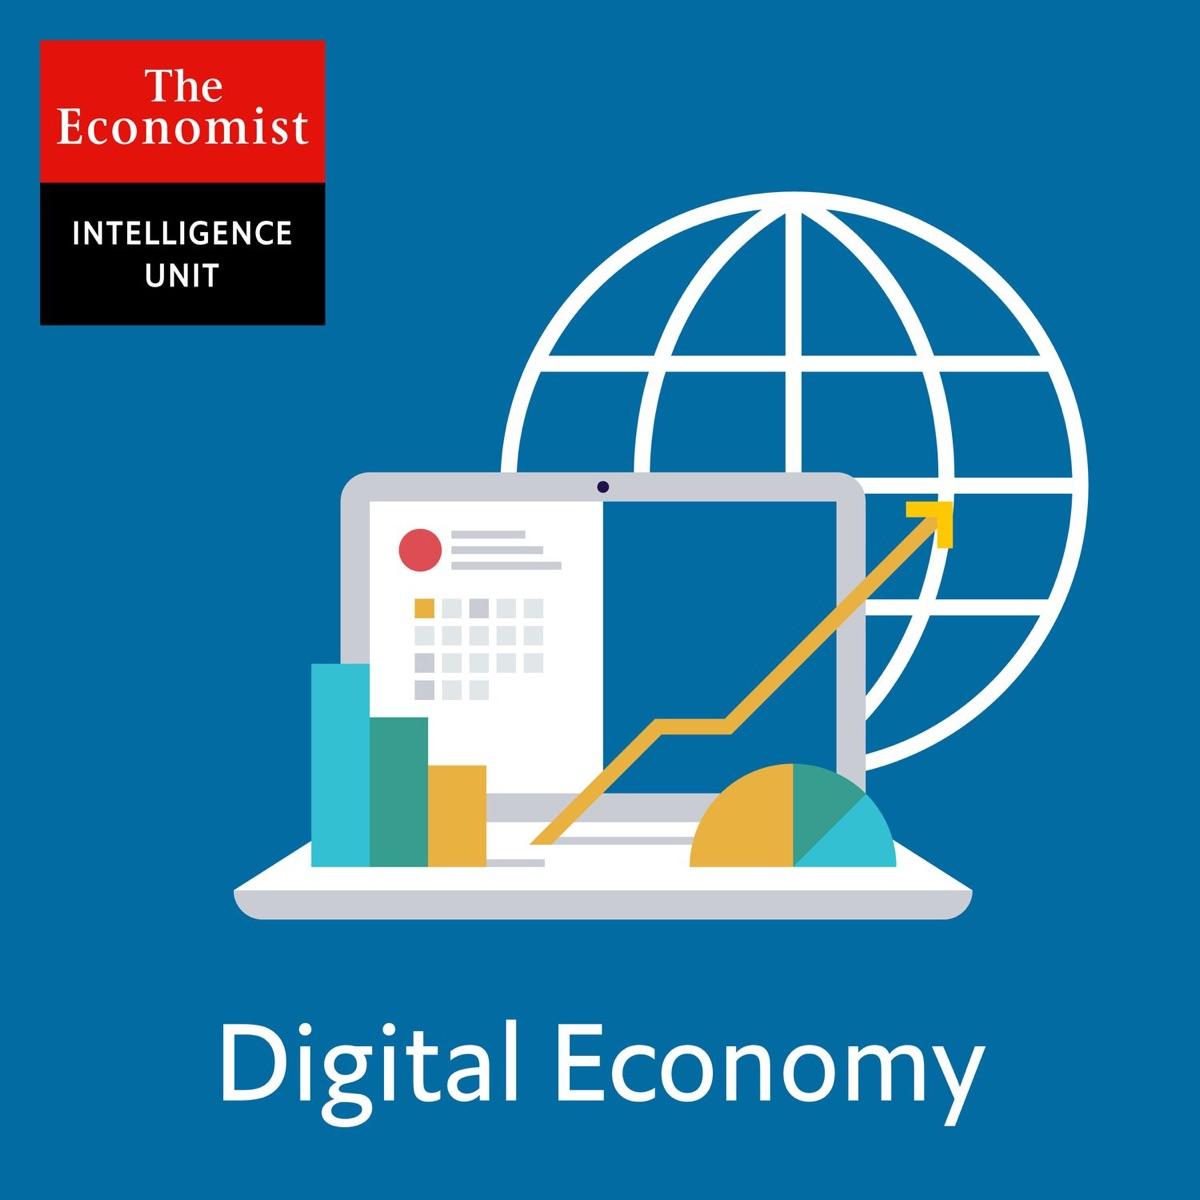 The Economist Intelligence Unit: Digital Economy